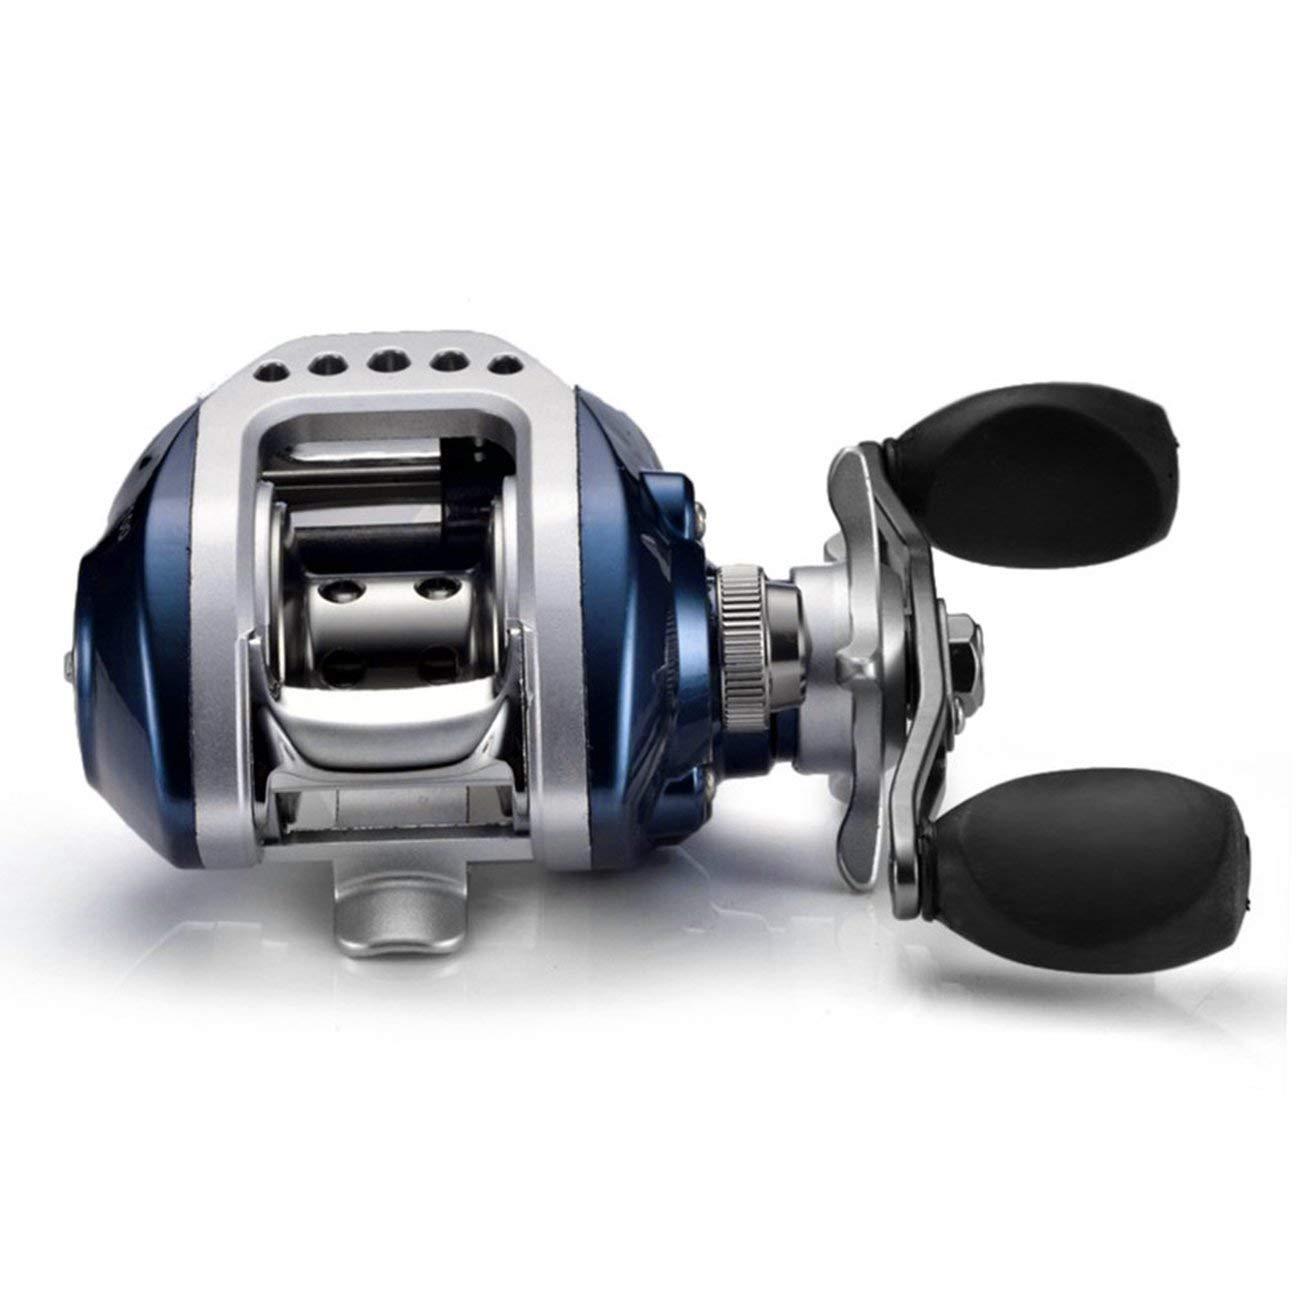 Bleu Droite se puede utilizar con la mano derecha e izquierda Rodamiento de bolas para carrete de pesca con frenos magn/éticos 6,3:1 BenSports AF-103/10/+ 1/BB gran velocidad